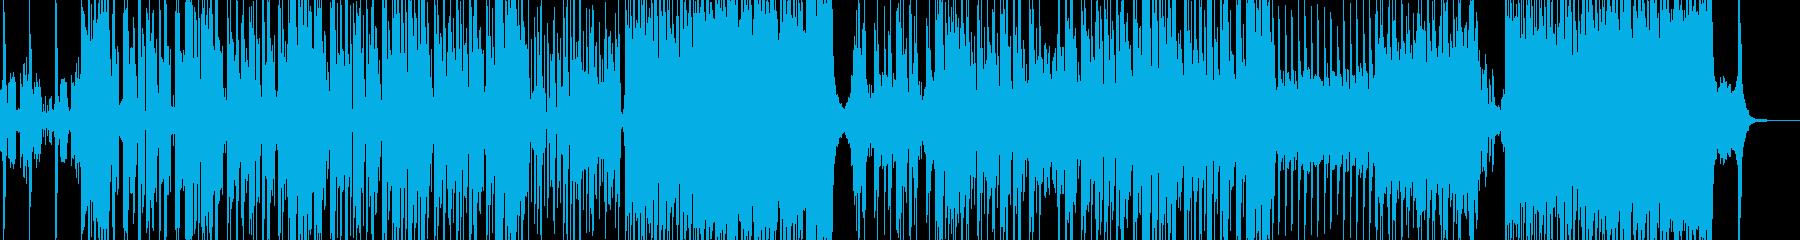 浮遊感・宇宙人が浮かぶシンセホップの再生済みの波形